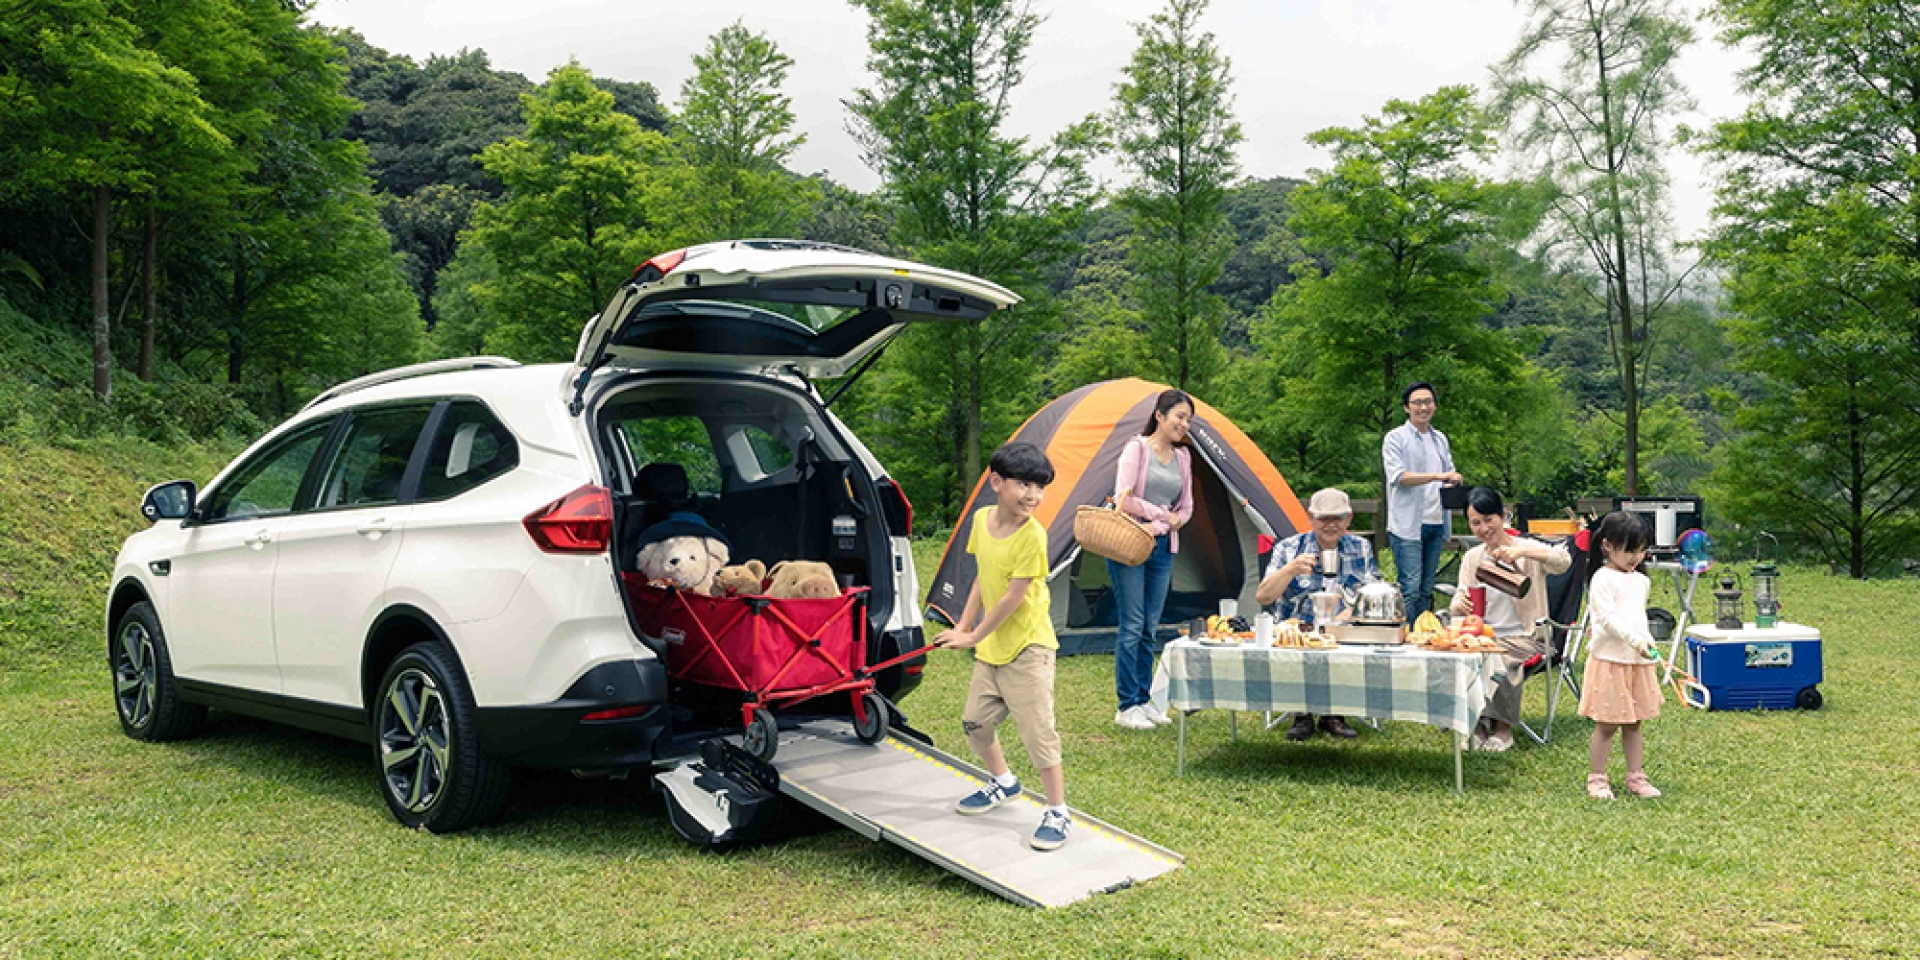 官方新聞稿。LUXGEN URX 5+1樂活款,一車多用SUV首選,早鳥優惠價84.8萬起